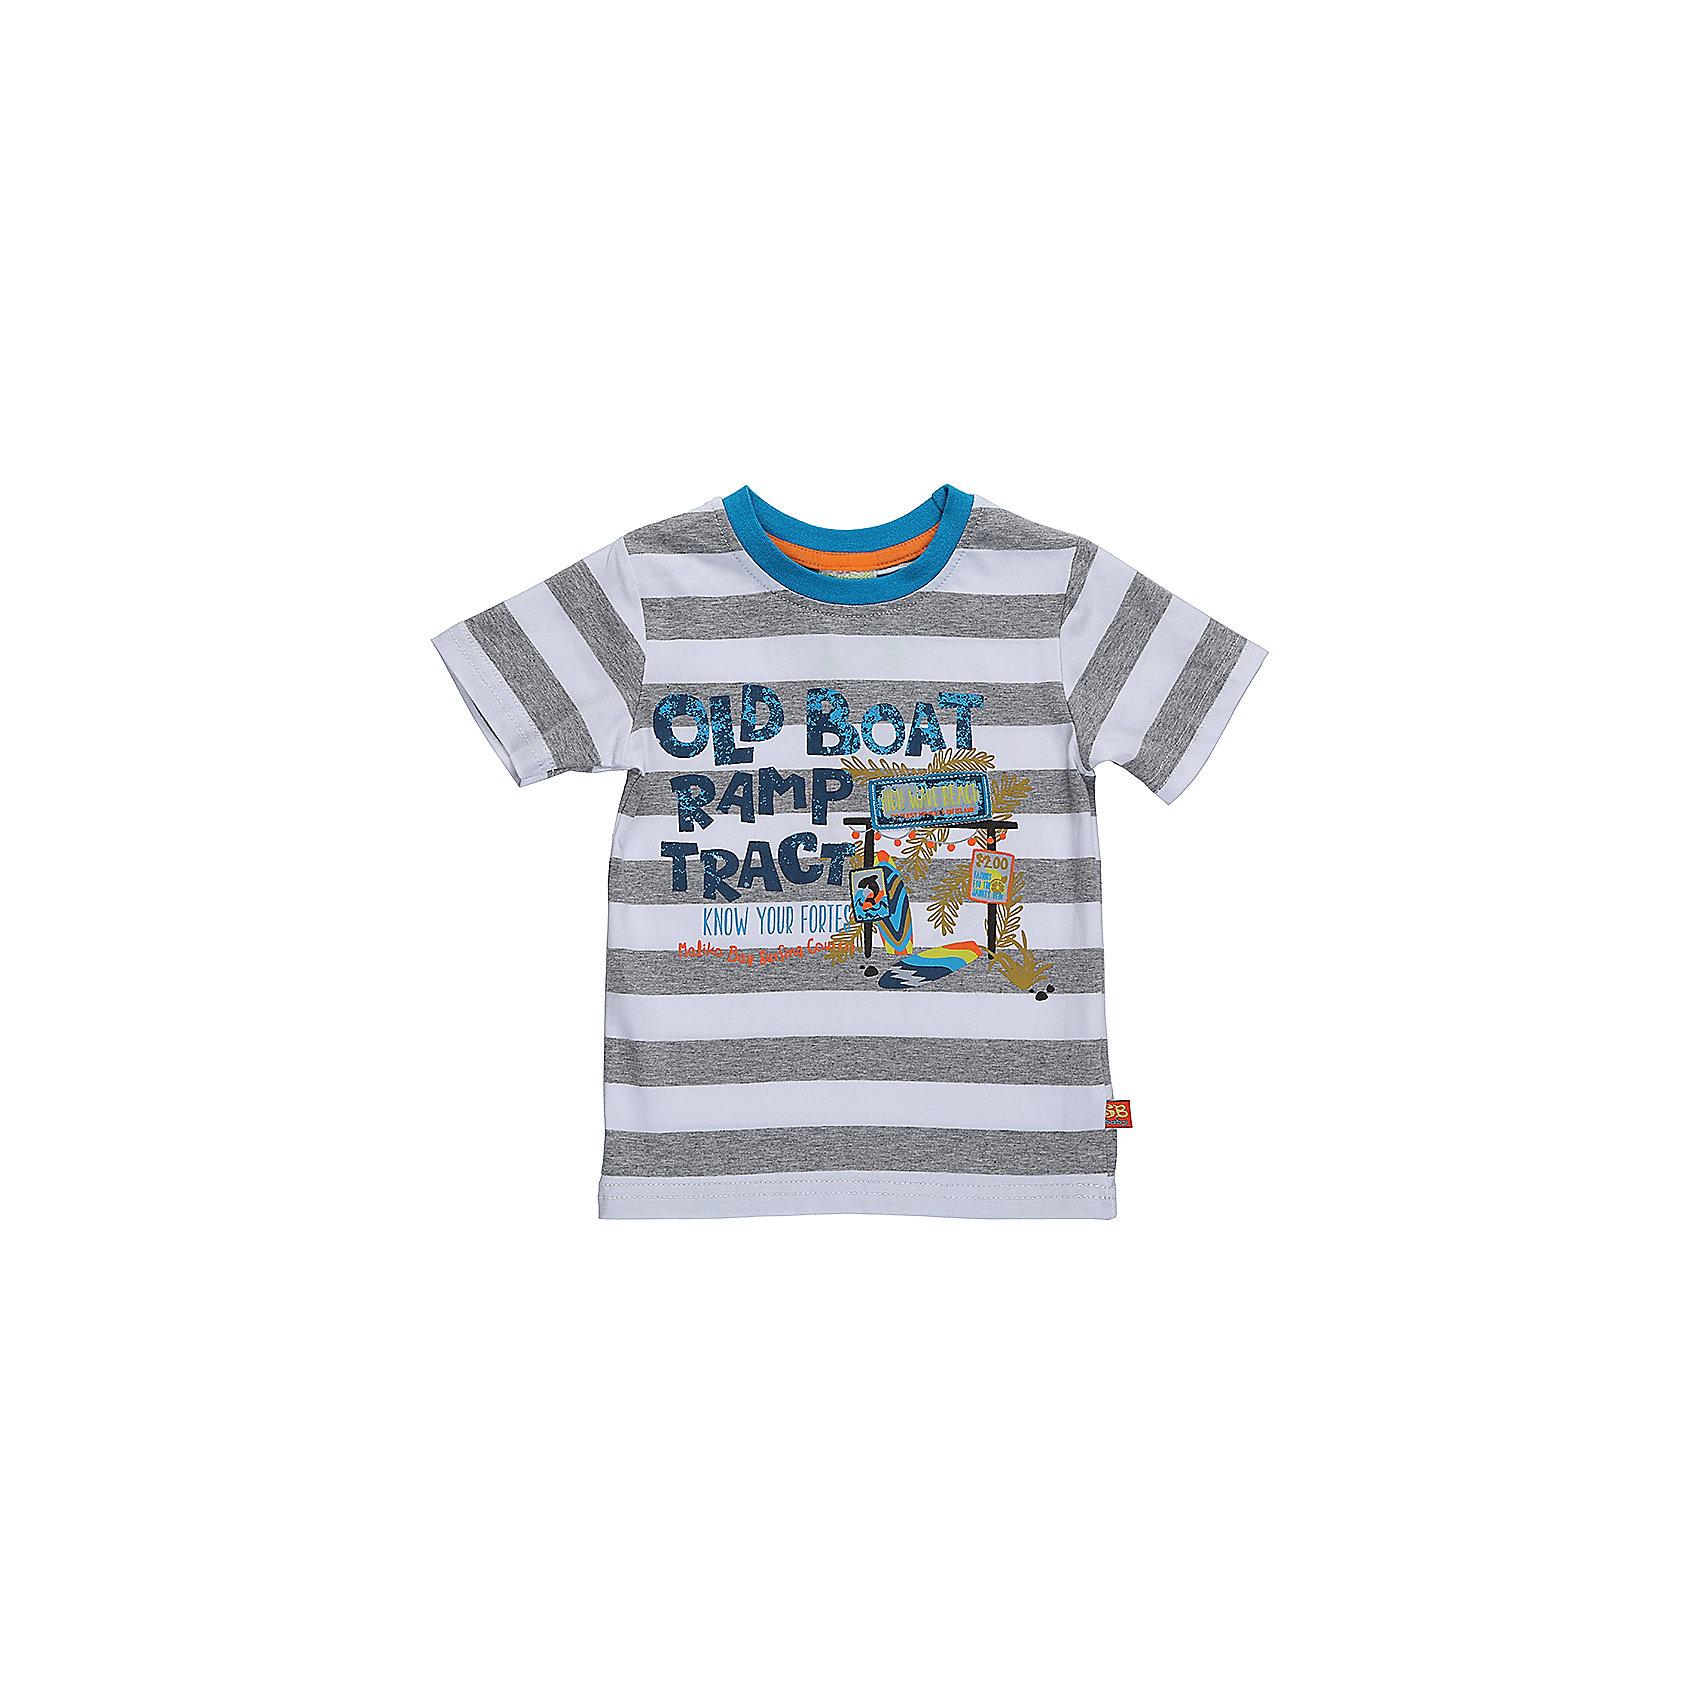 Футболка для мальчика Sweet BerryФутболки, топы<br>Красивая футболка в серо-белую полоску с круглым вырезом. Подойдет для лета или теплой весны. Впереди футболка декорирована надписью и нашивкой.<br>Состав:<br>95%хлопок 5%эластан<br><br>Ширина мм: 199<br>Глубина мм: 10<br>Высота мм: 161<br>Вес г: 151<br>Цвет: белый<br>Возраст от месяцев: 18<br>Возраст до месяцев: 24<br>Пол: Мужской<br>Возраст: Детский<br>Размер: 92,80,98,86<br>SKU: 5411440